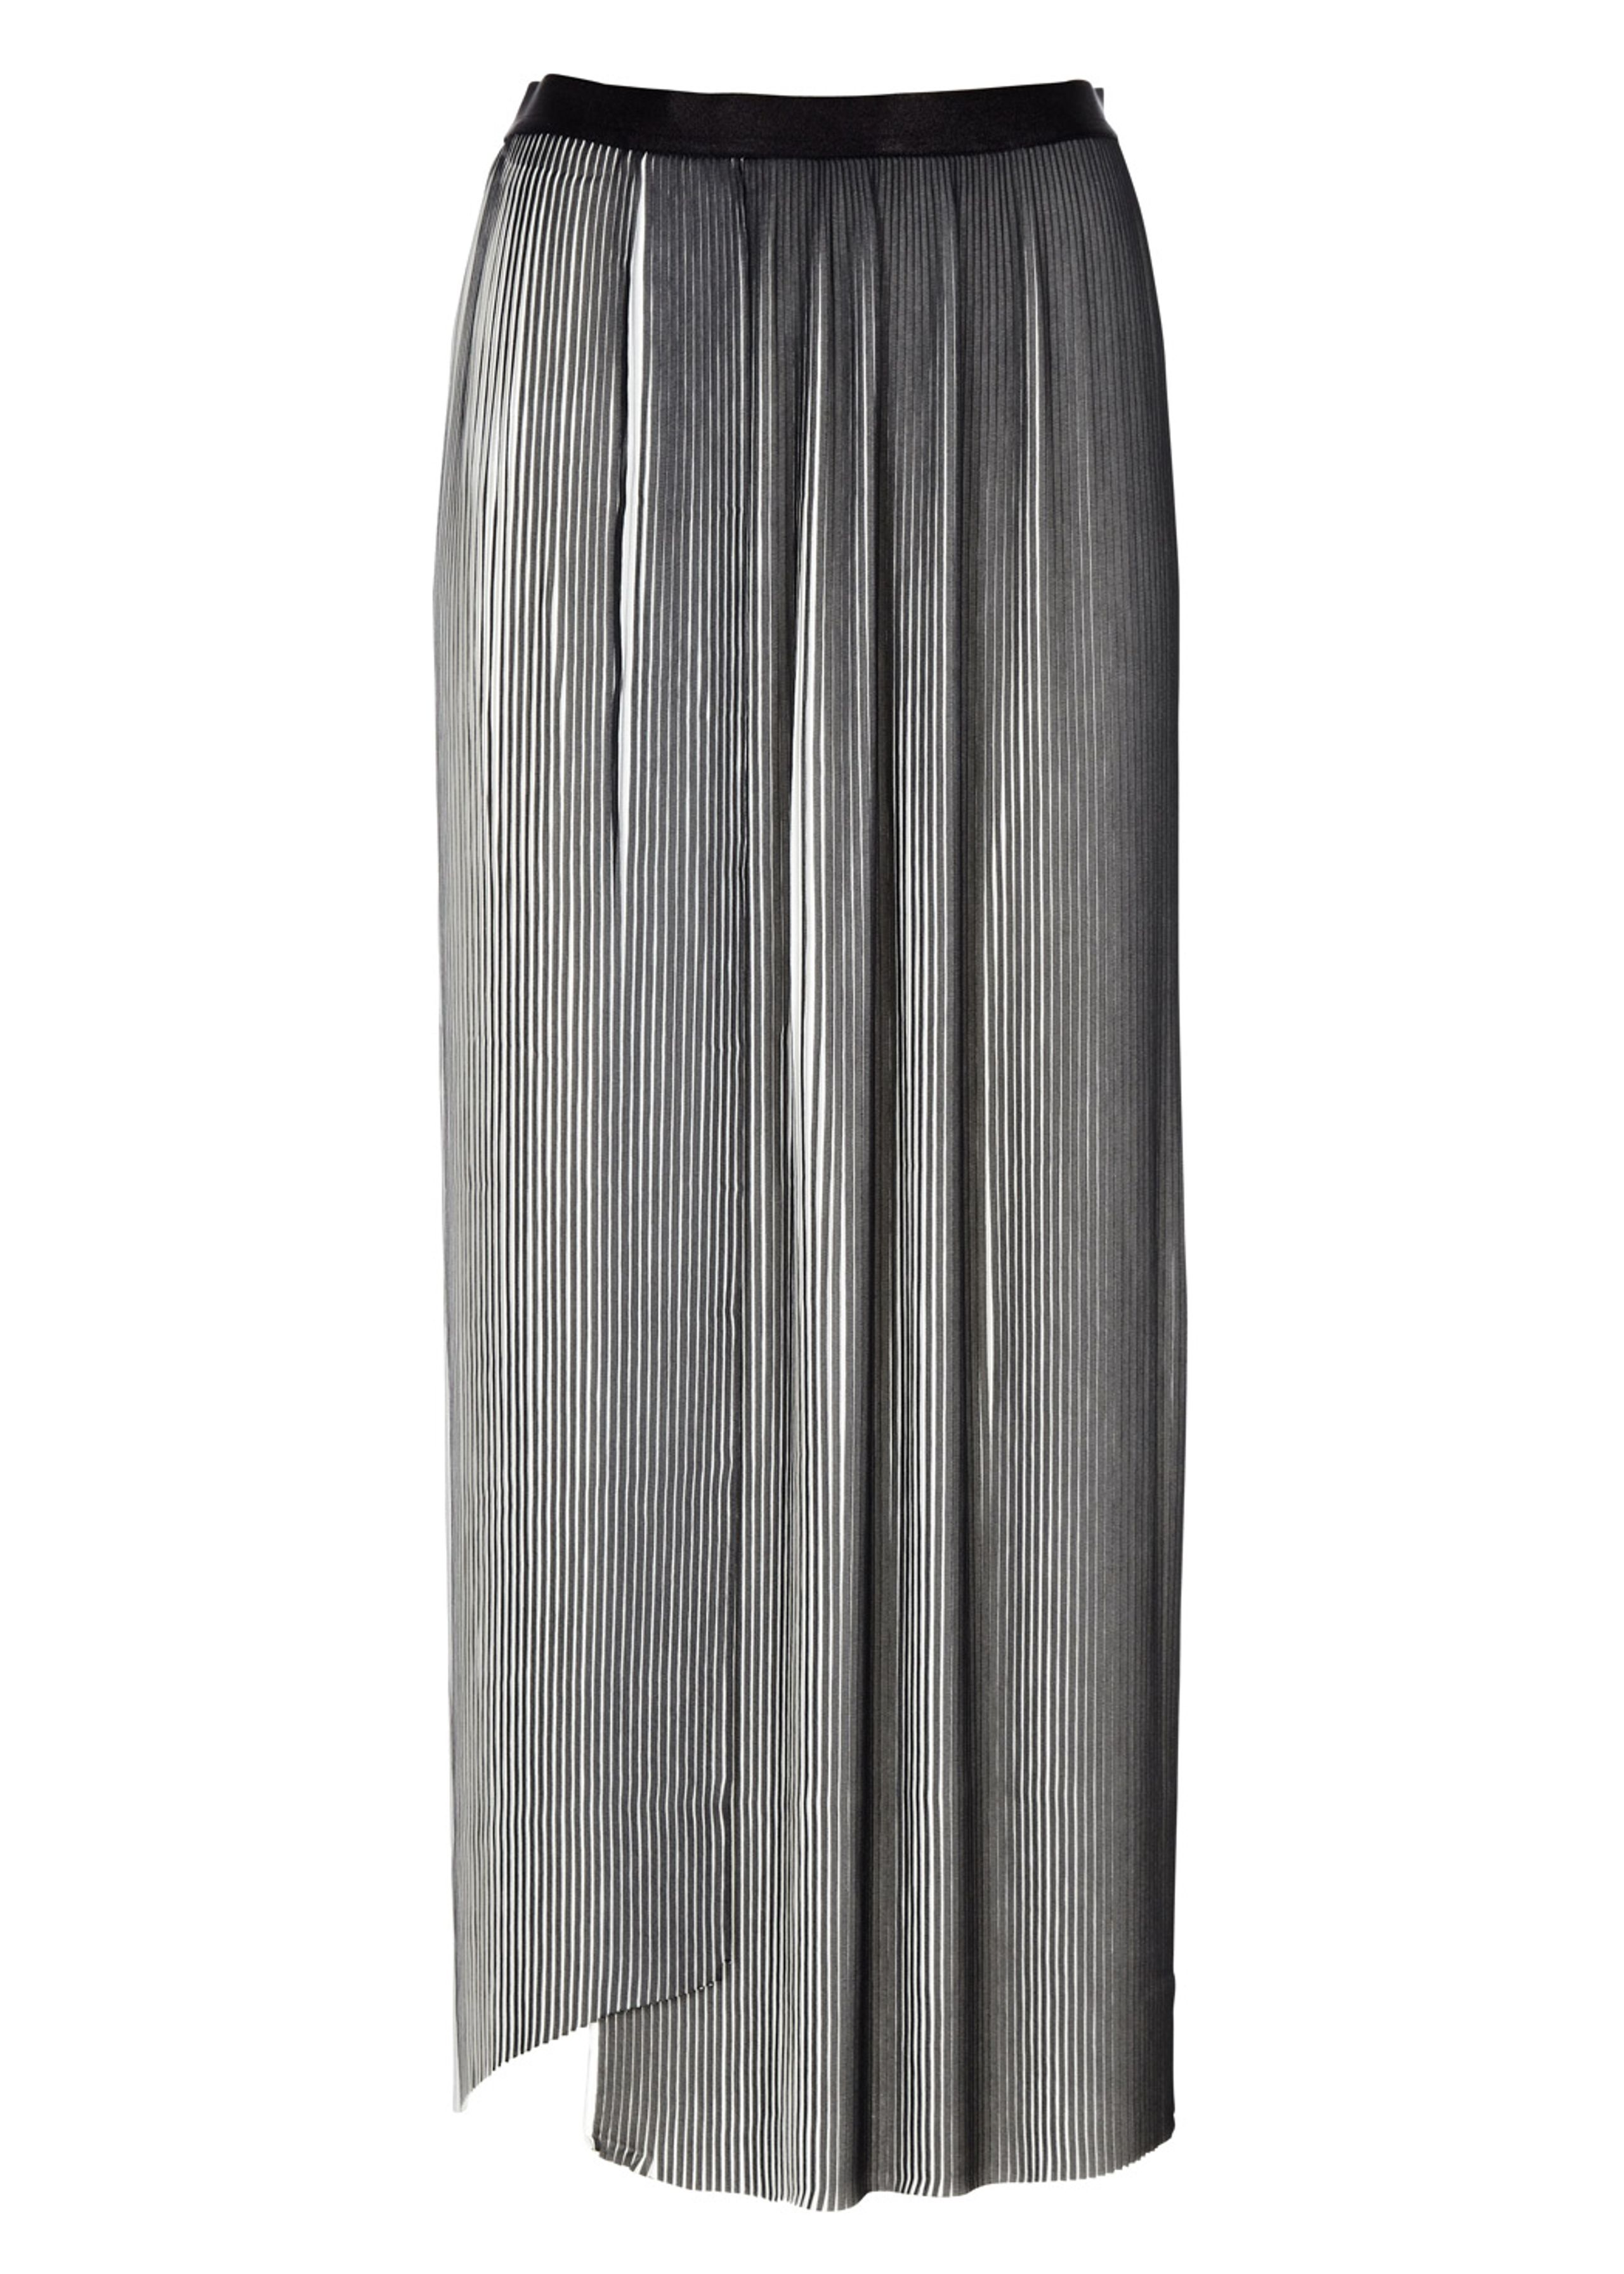 pliss slit skirt skirt filippa k. Black Bedroom Furniture Sets. Home Design Ideas